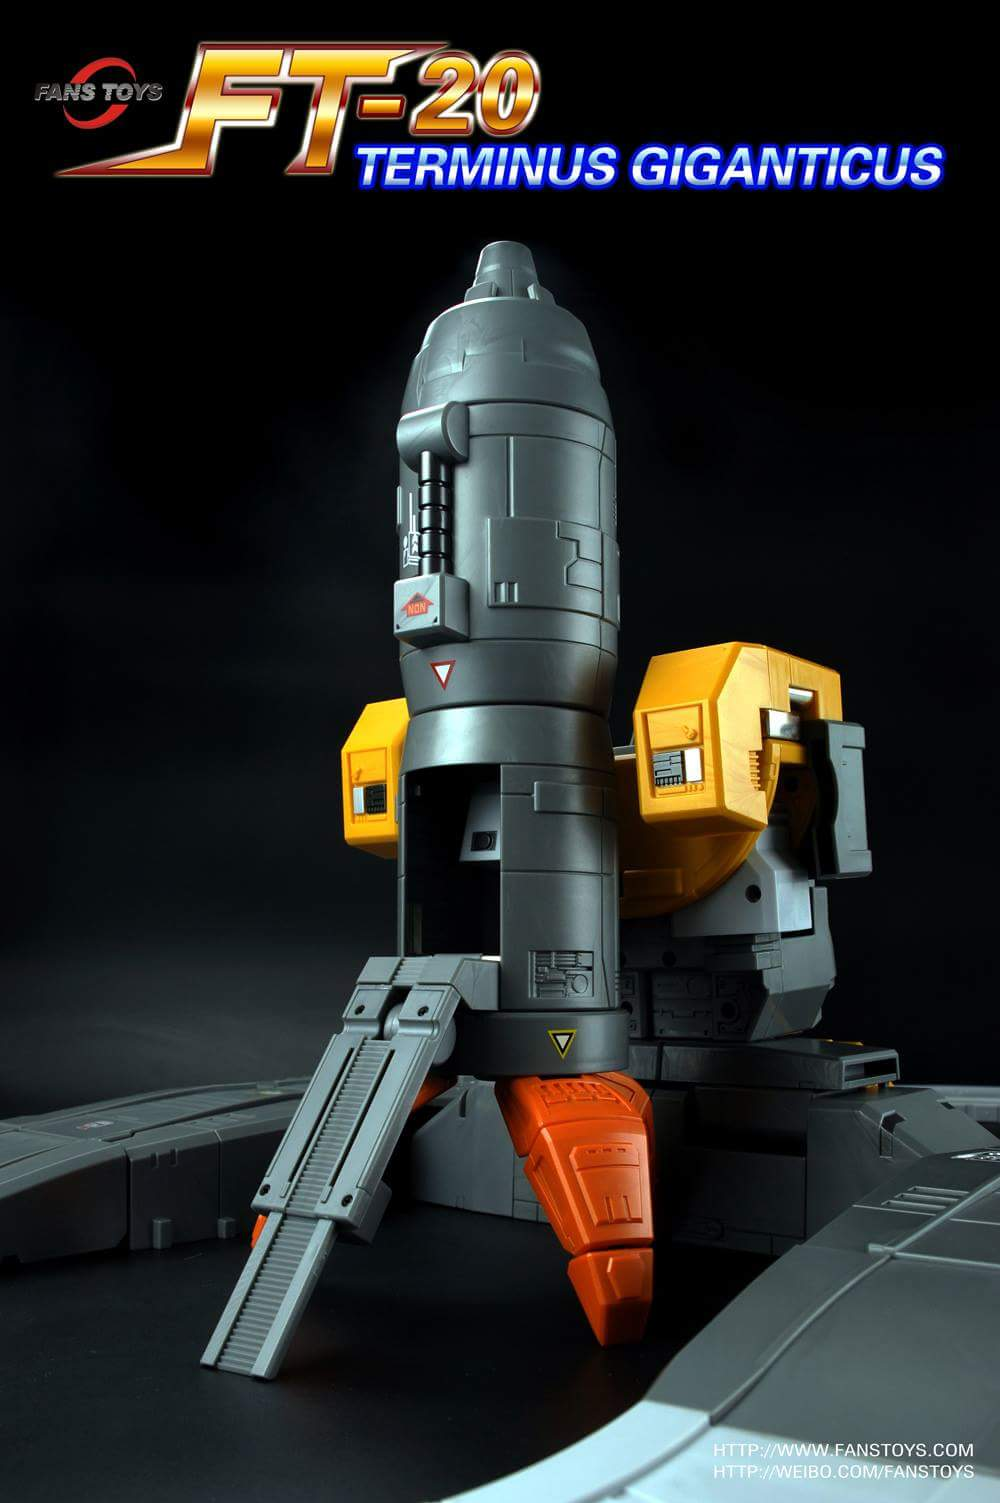 [Fanstoys] Produit Tiers - Jouets FT-20 et FT-20G Terminus Giganticus - aka Oméga Suprême et Omega Sentinel (Gardien de Cybertron) - Page 2 LzGJ6xwa